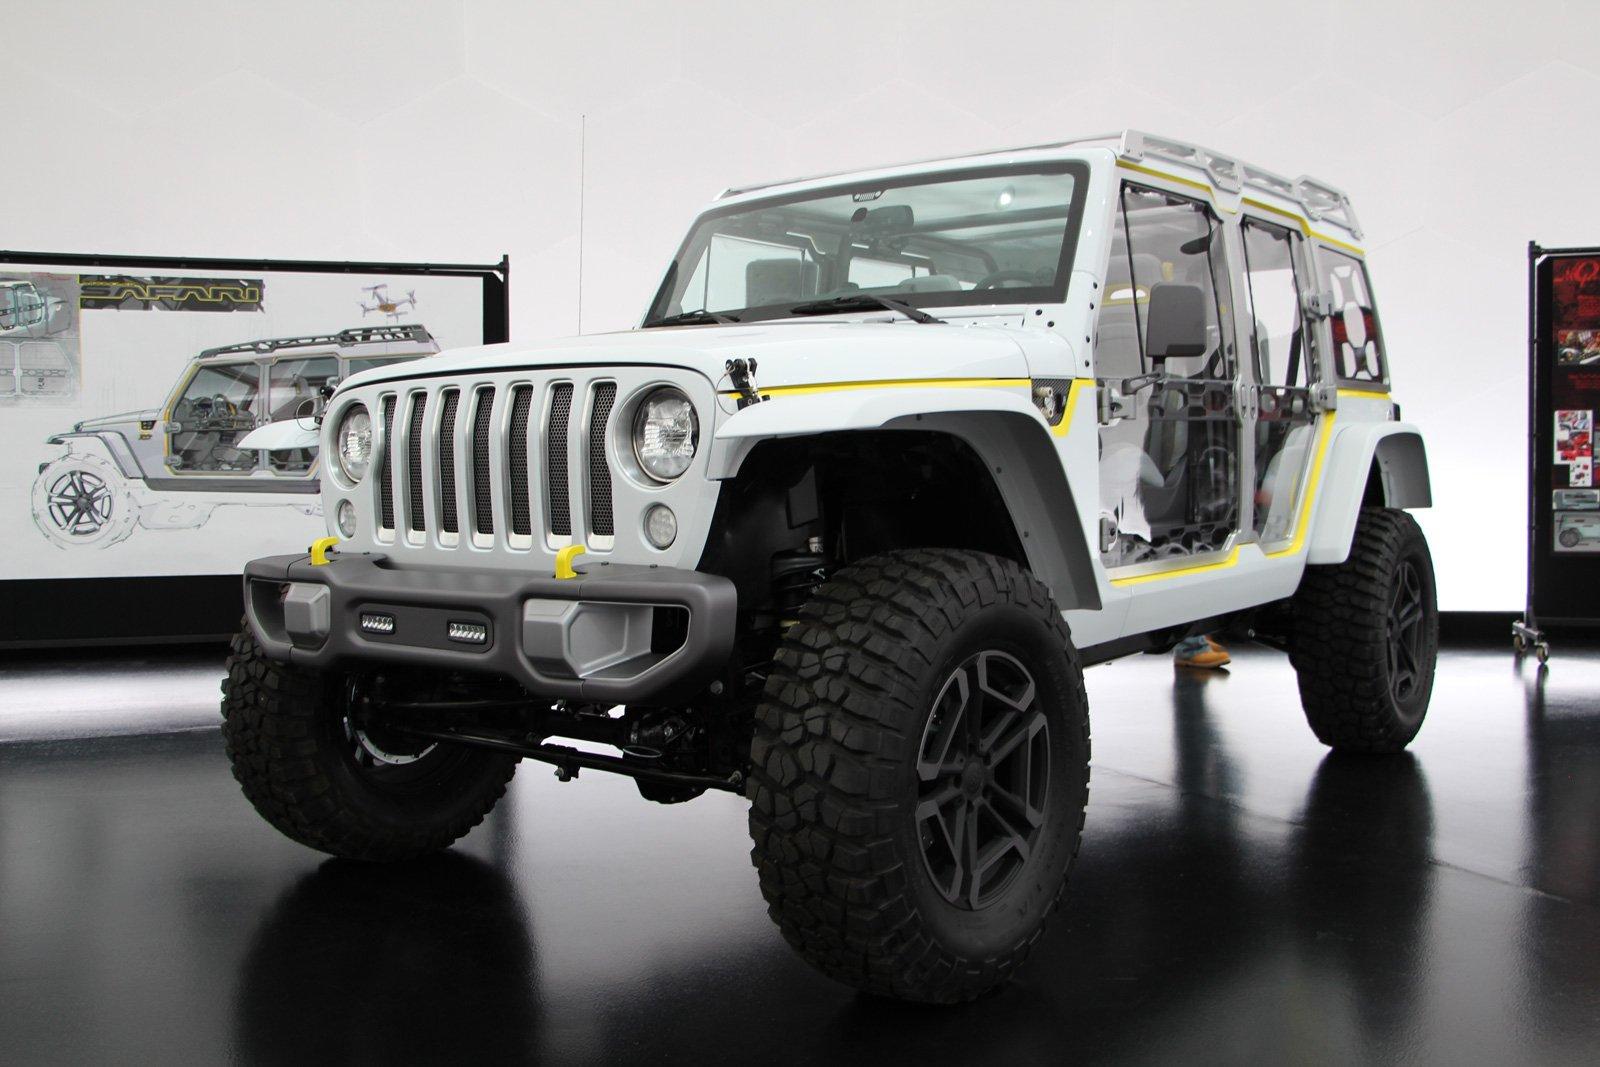 Galleria foto JL: iniziamo a conoscere meglio la Wrangler che verrà... - Pagina 3 Jeep-safari-concept-02